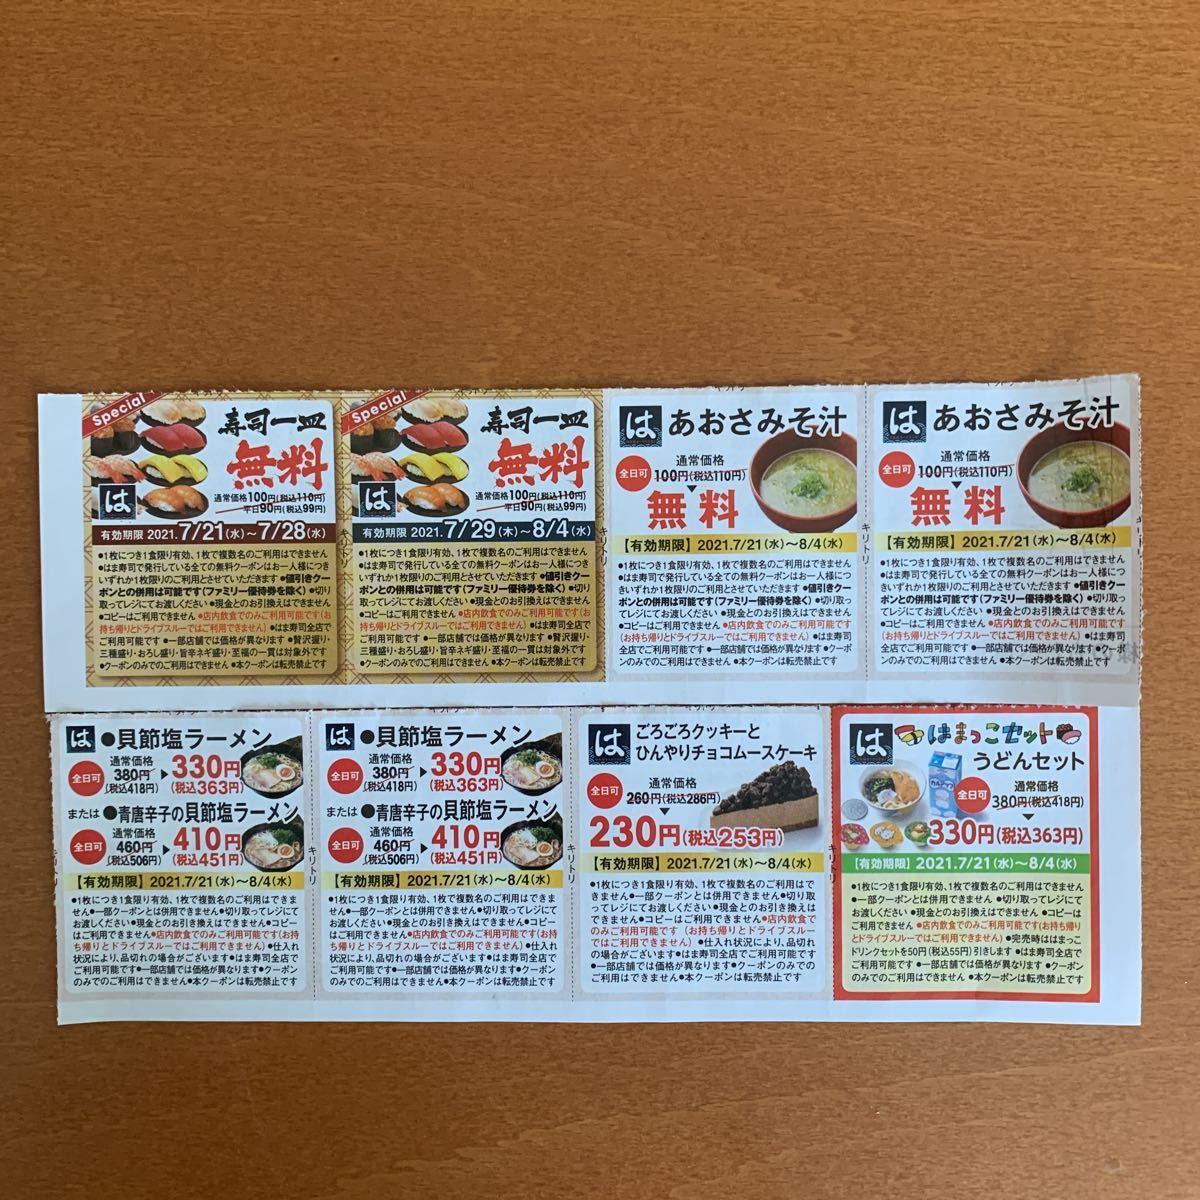 はま寿司 クーポン券(無料券4枚+割引券4枚)8枚セット  夏休みに!最長8/4(水)迄  迅速発送63円_画像1